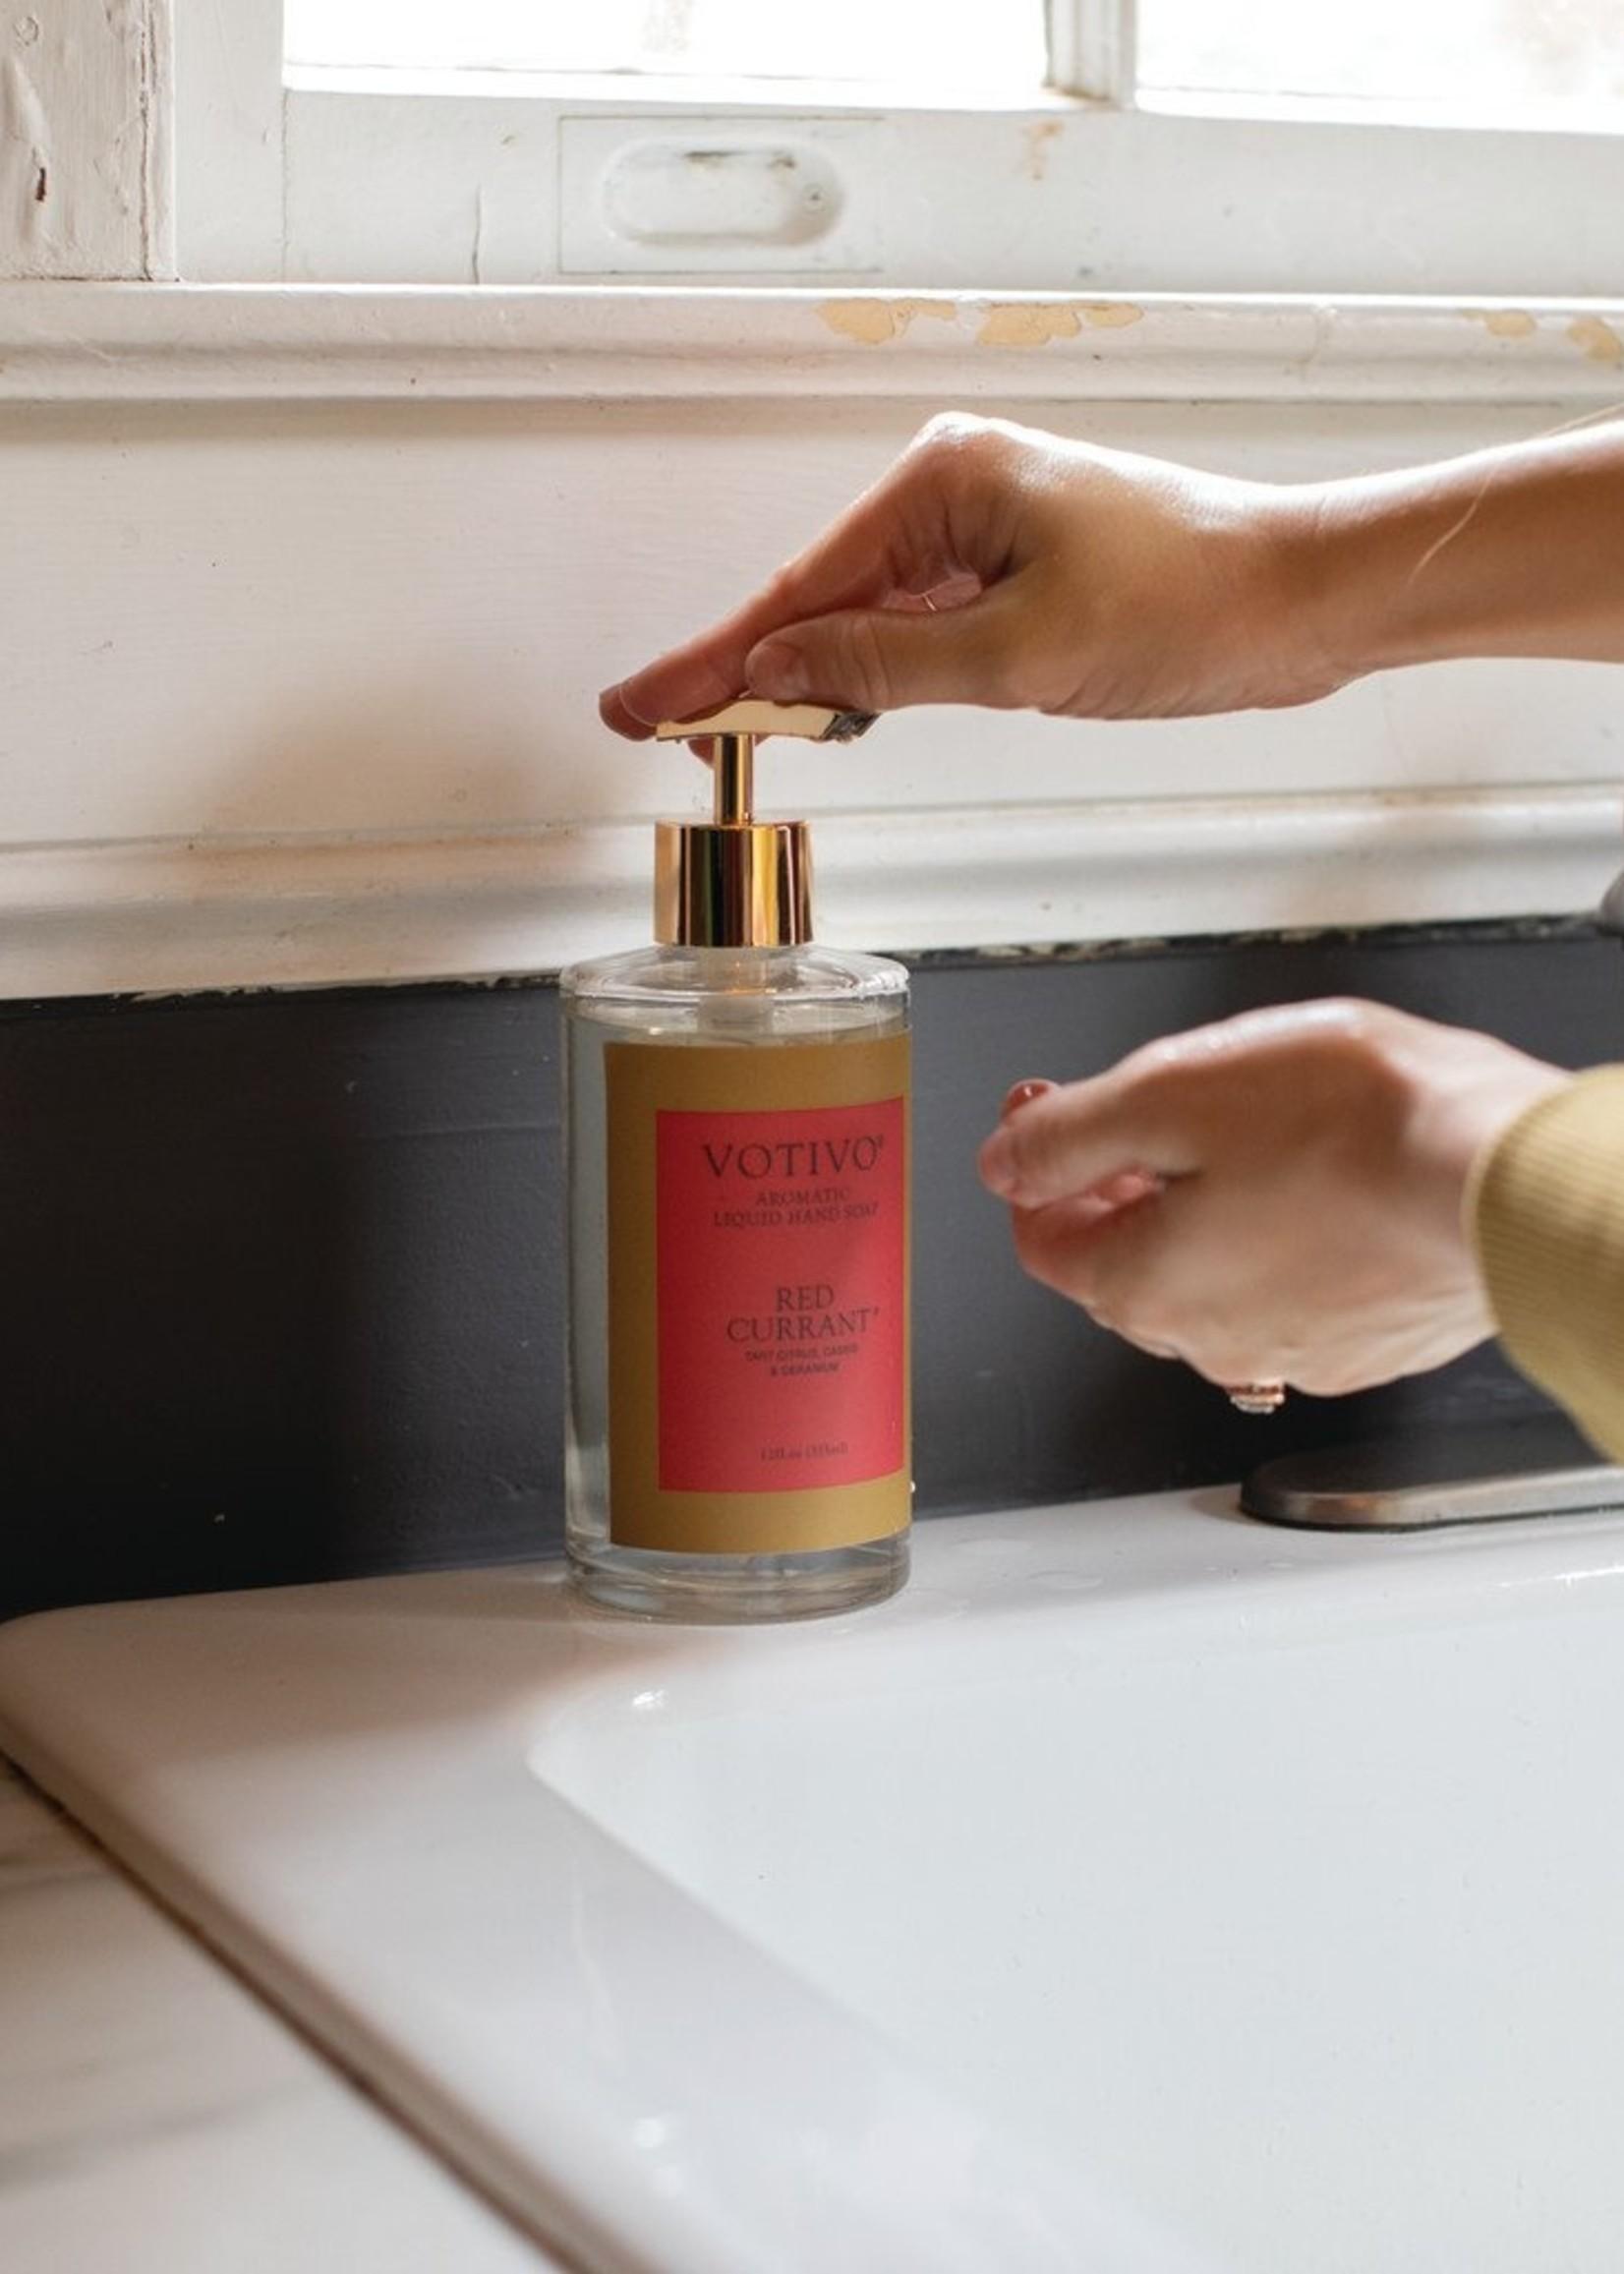 Votivo Red Currant Liquid Soap